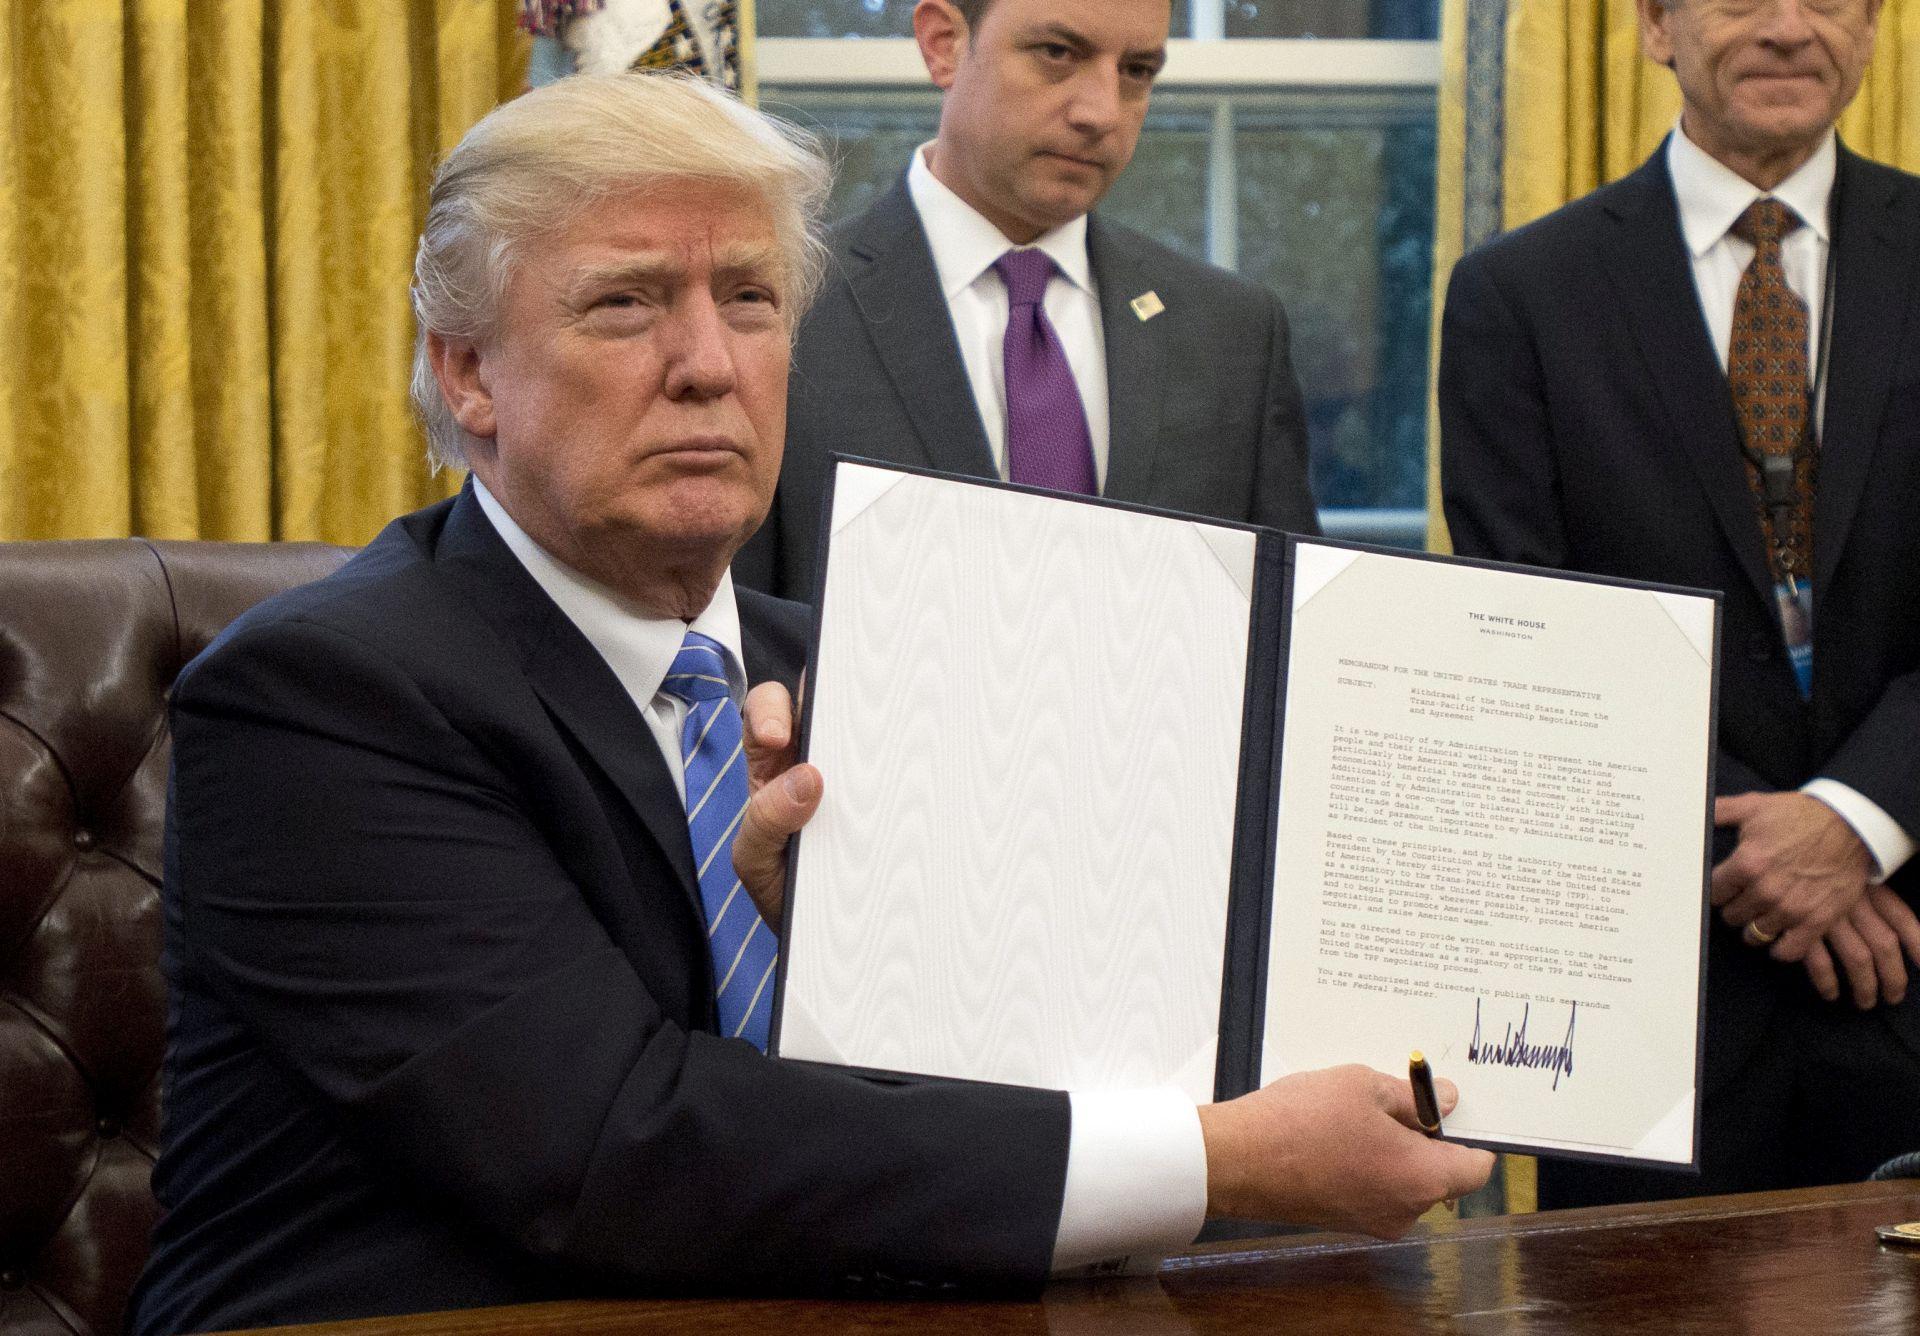 Udruga podnijela tužbu protiv Trumpa za kršenje Ustava